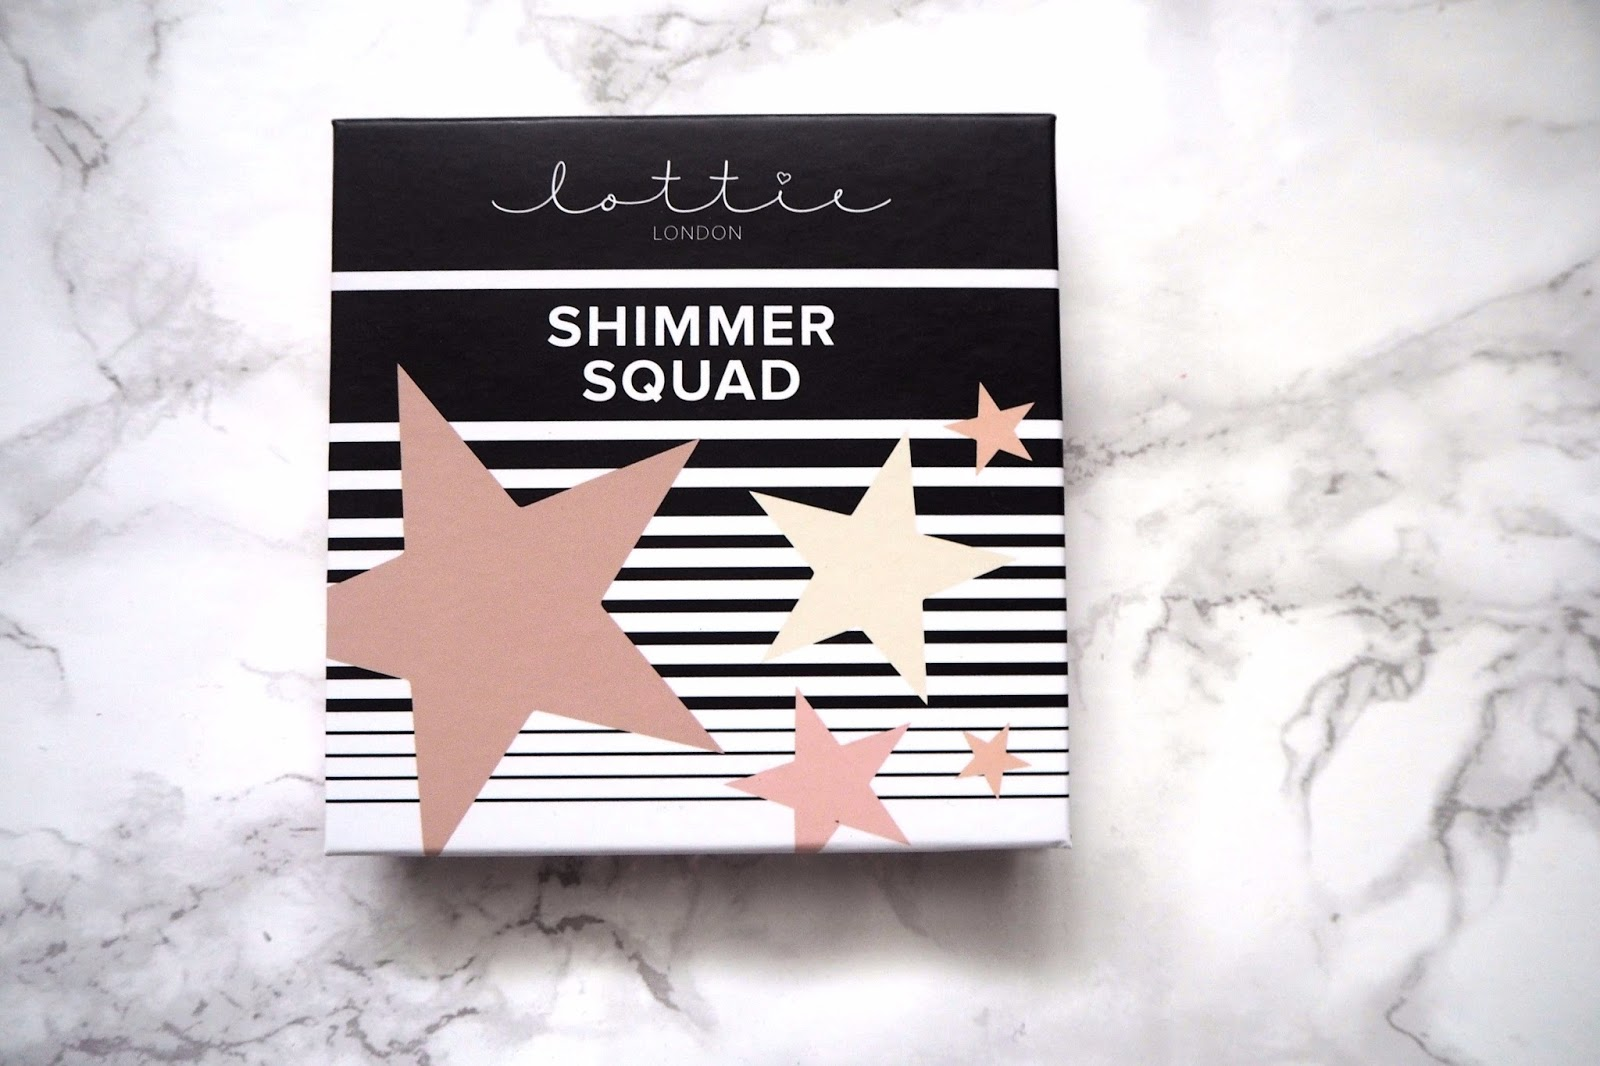 Shimmer Palette Packaging